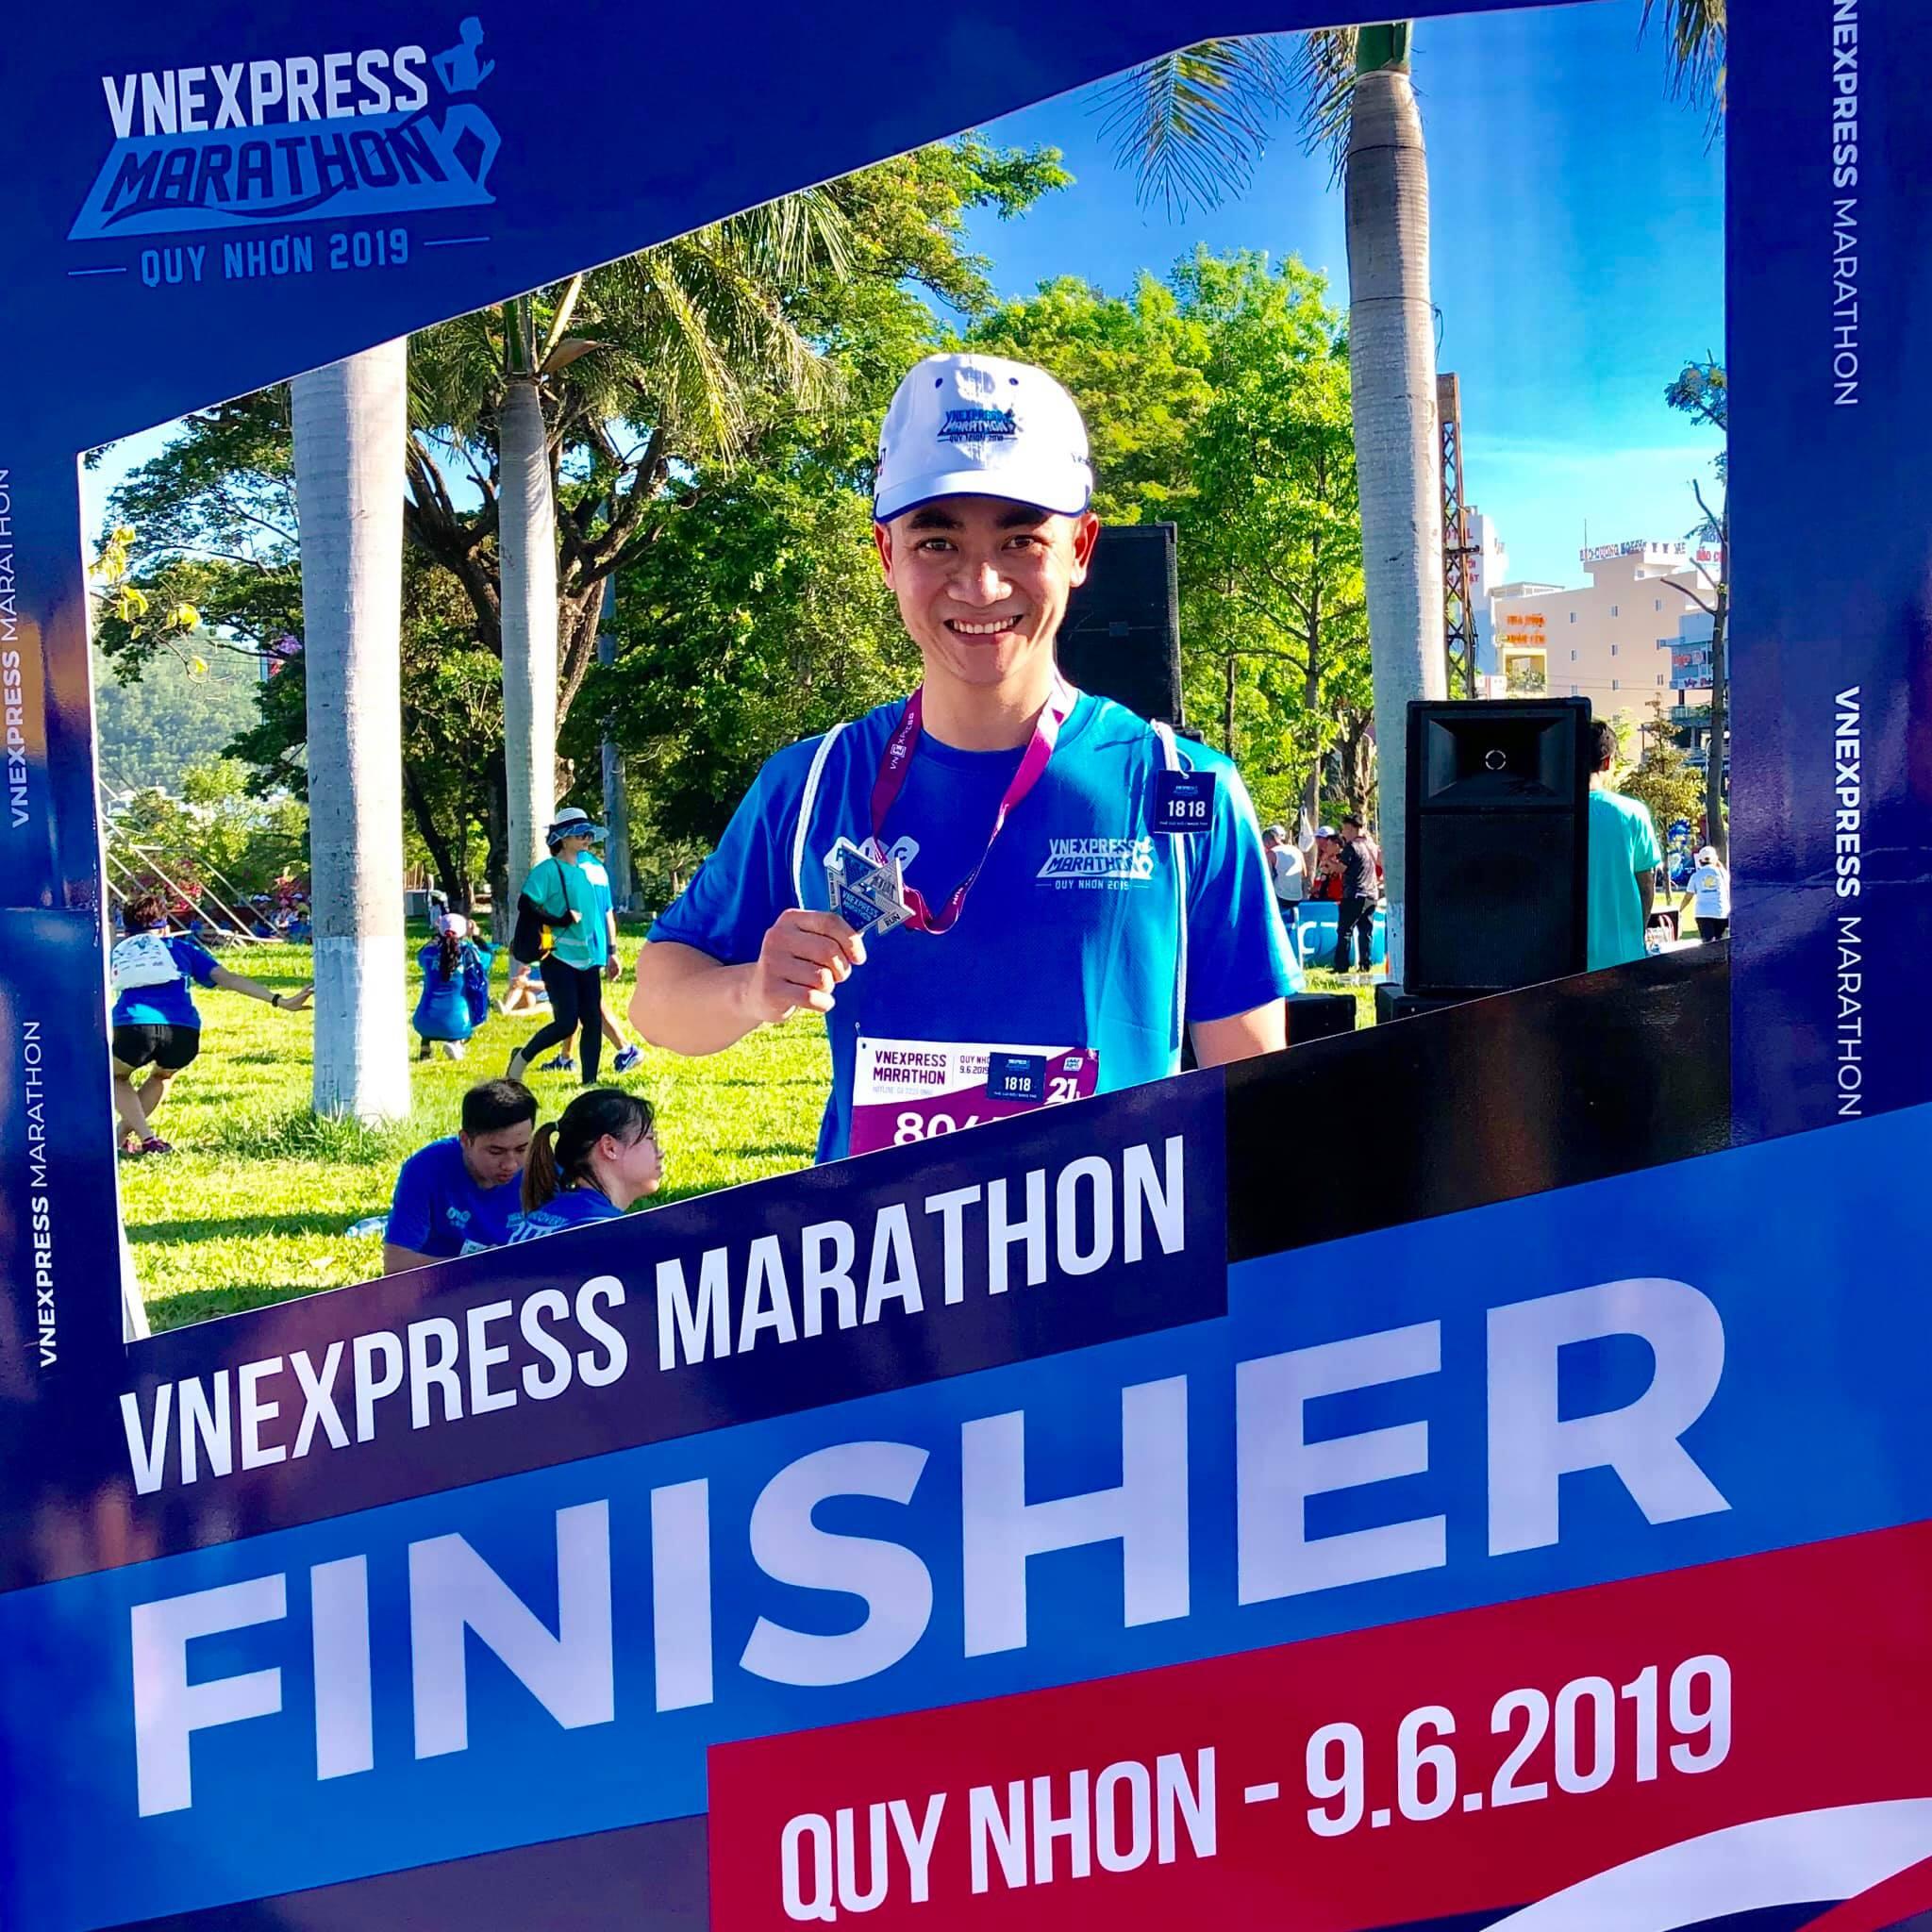 Anh Đinh Văn Nam, Ban Số hoá VnExpress, kết hợp công tác và chạy. Anh hoàn thành cự ly 21 km trong 2h07.